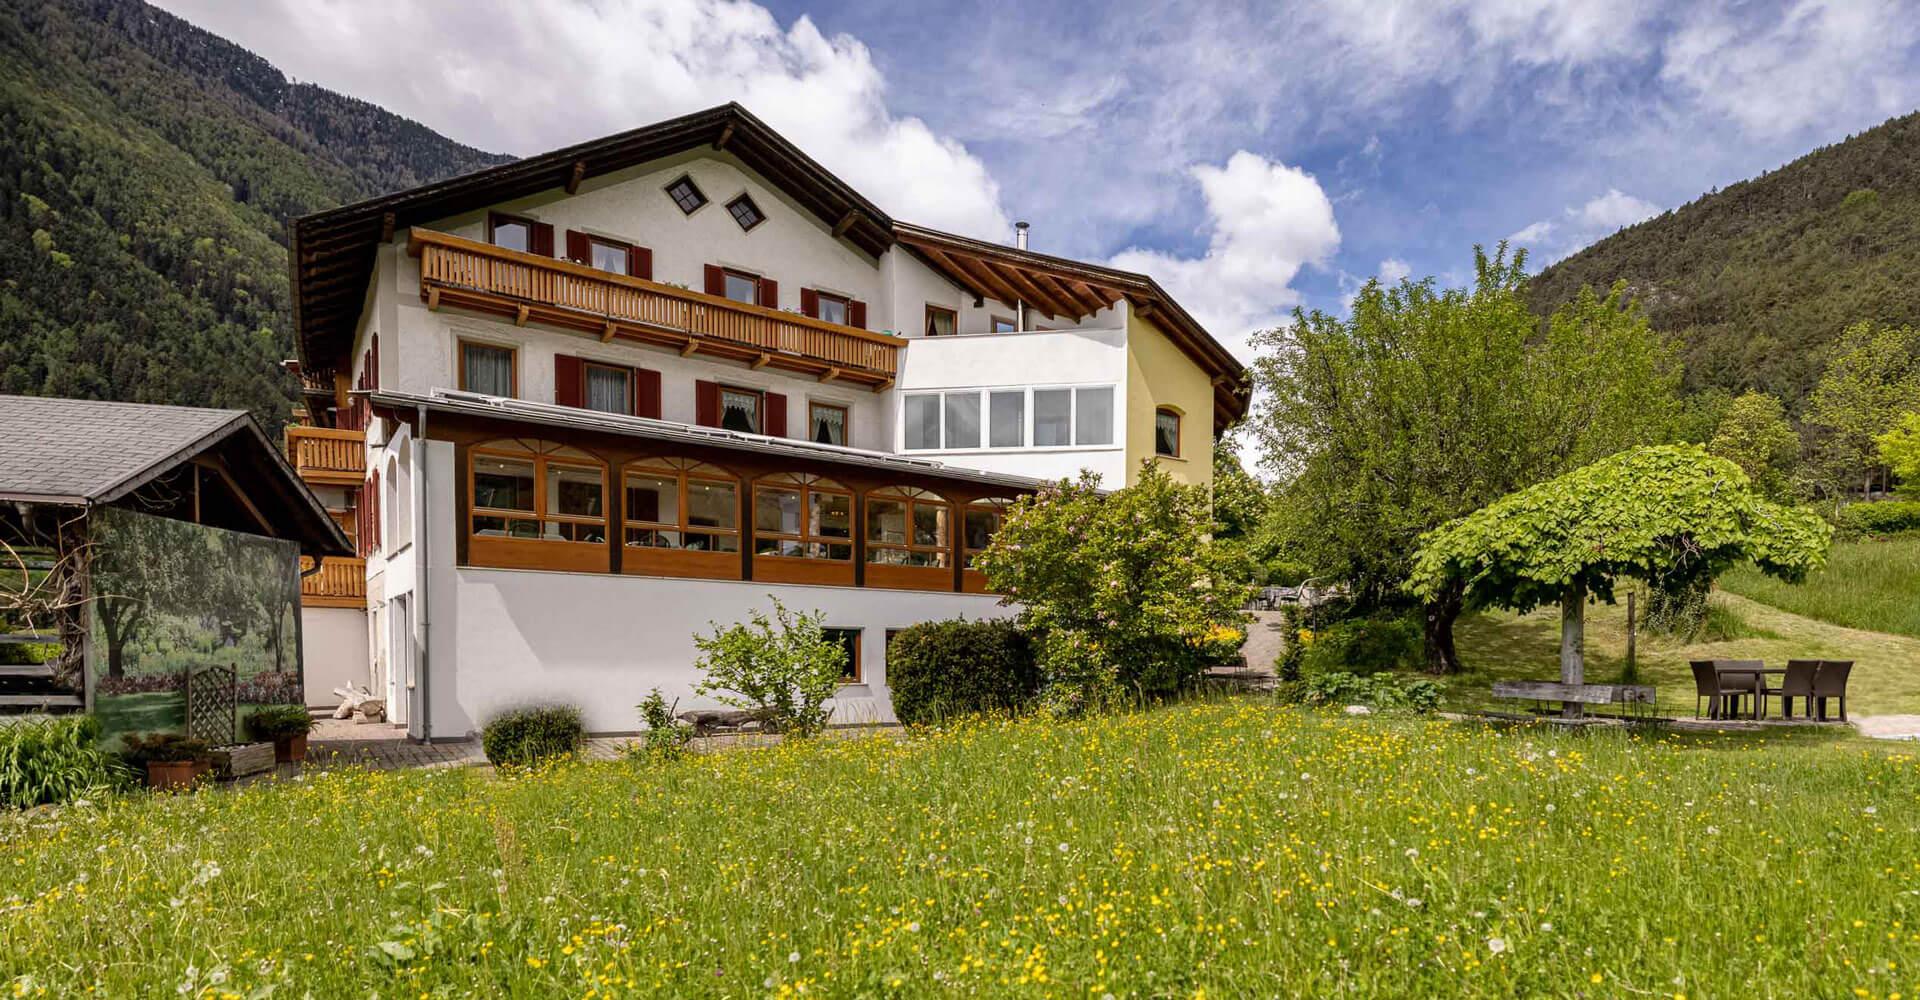 Hotel Klammerhof | Urlaub im Eisacktal / Südtirol